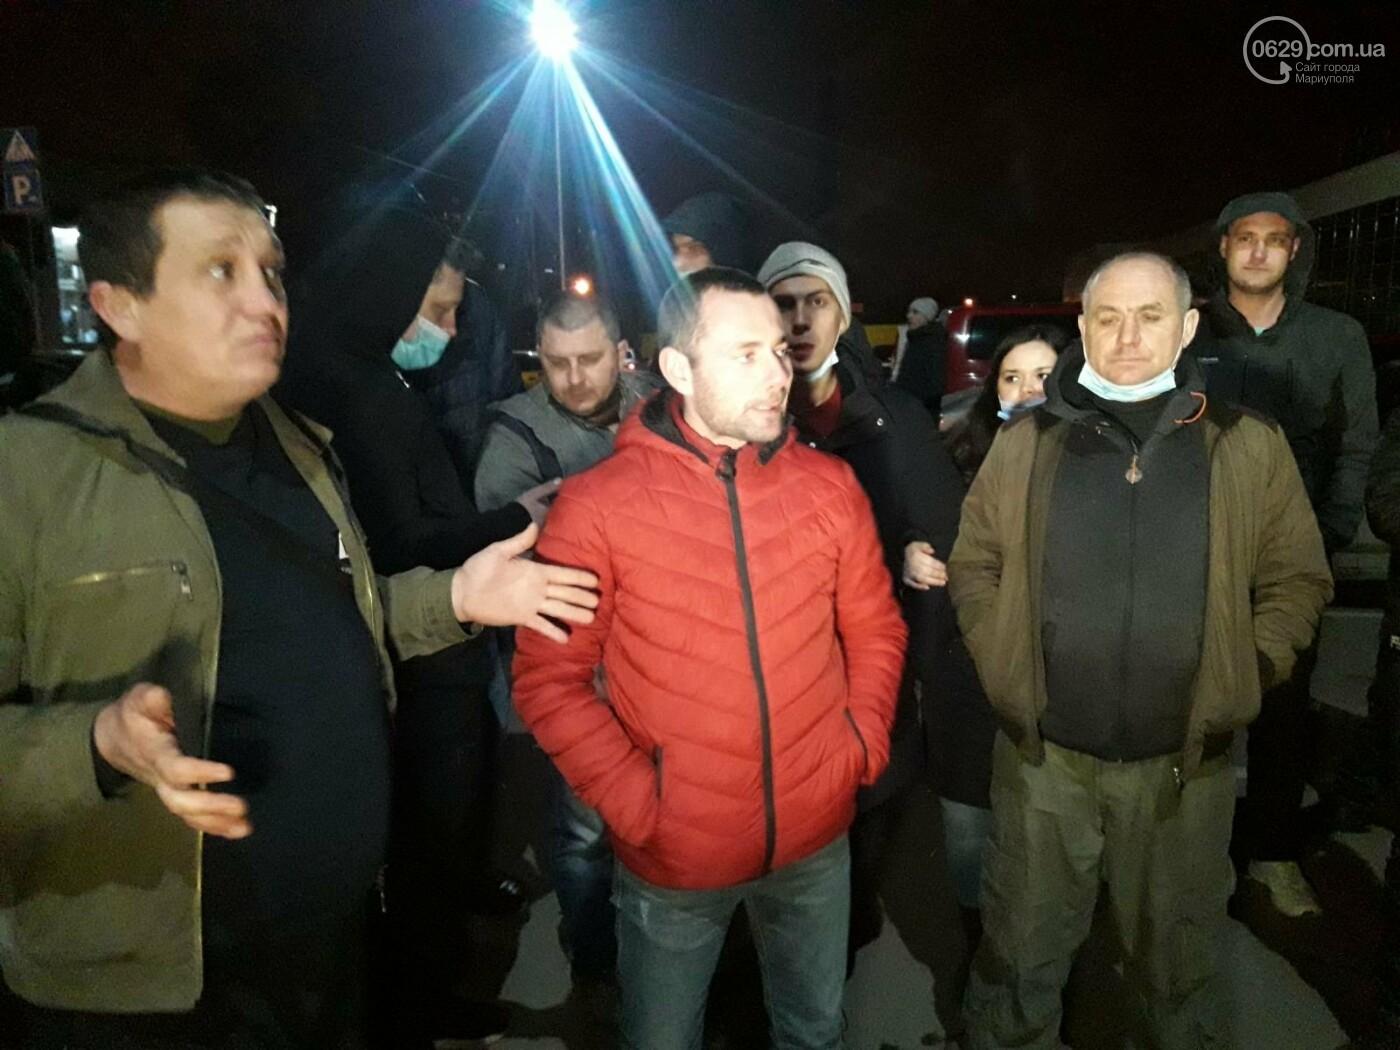 Нужно повысить тариф! В Мариуполе ночью митингуют таксисты, - ФОТО, фото-1